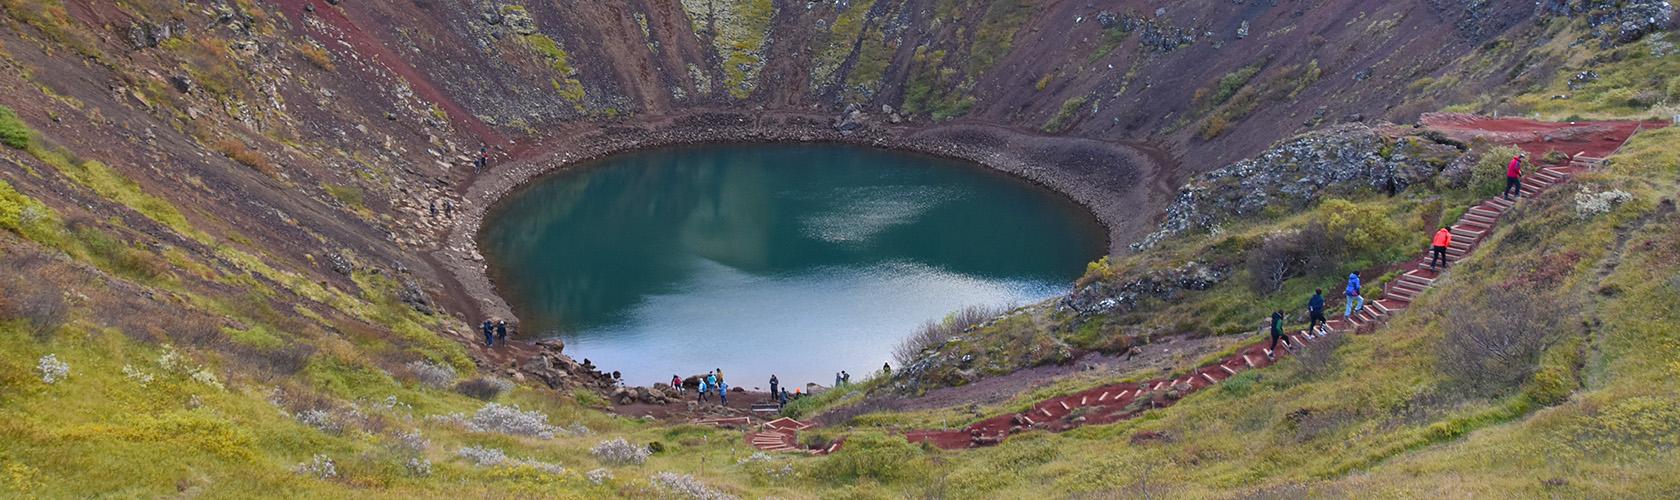 Kerid kratermeer en vulkaan